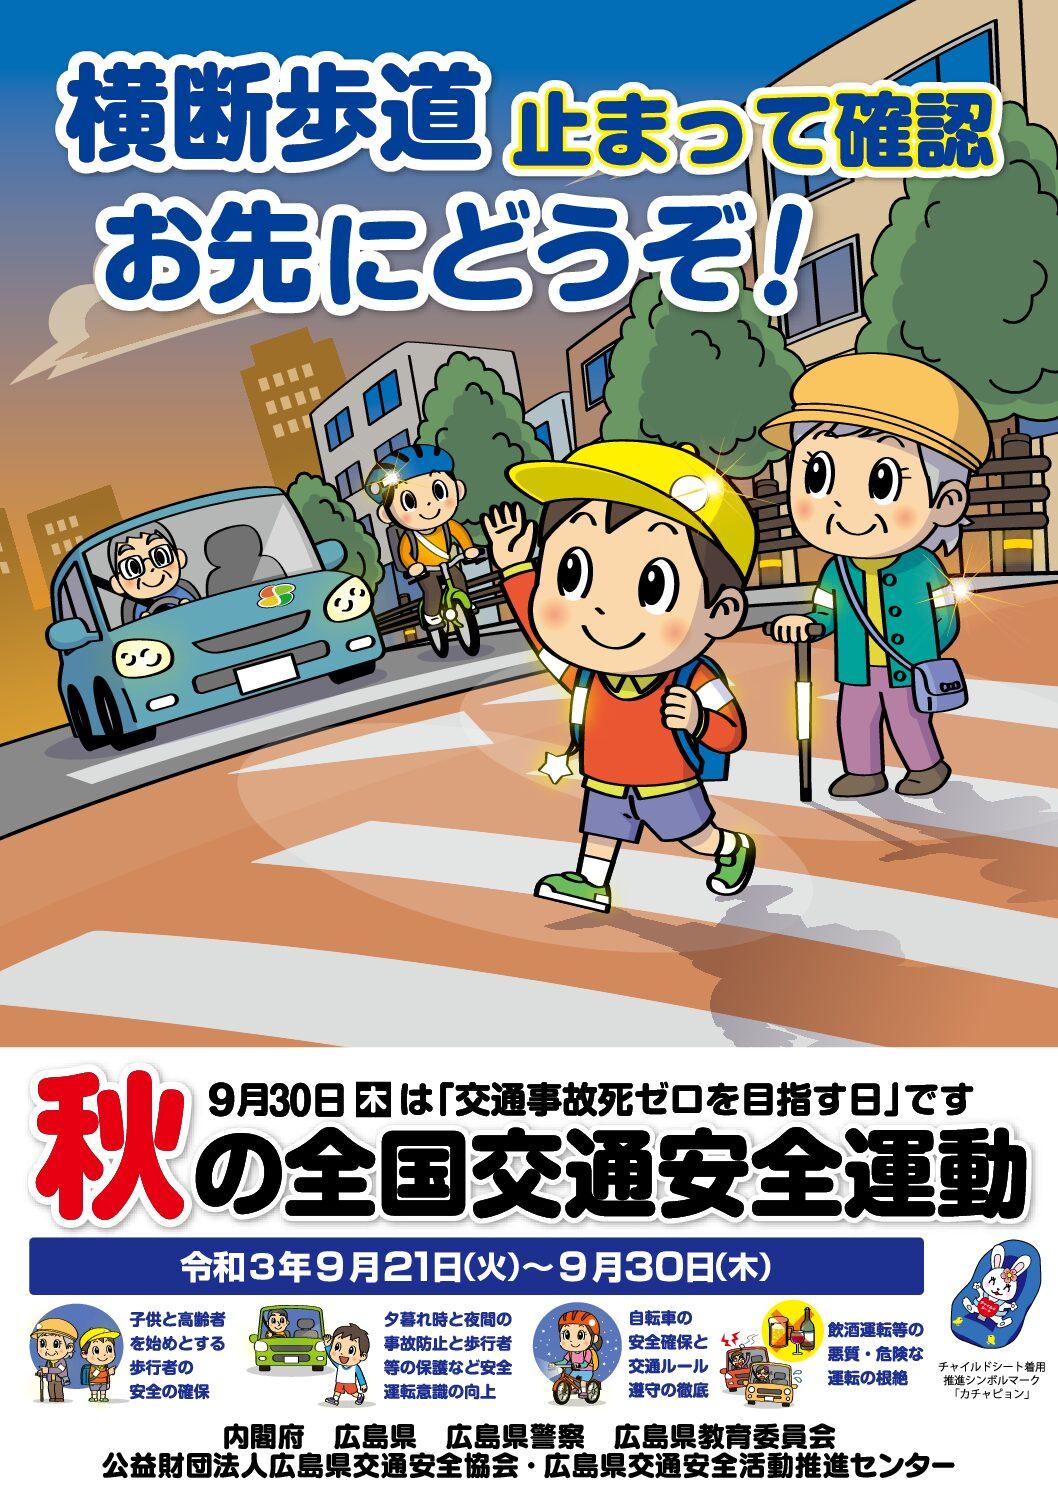 【9/21~9/30】秋の全国交通安全運動が始まりました。